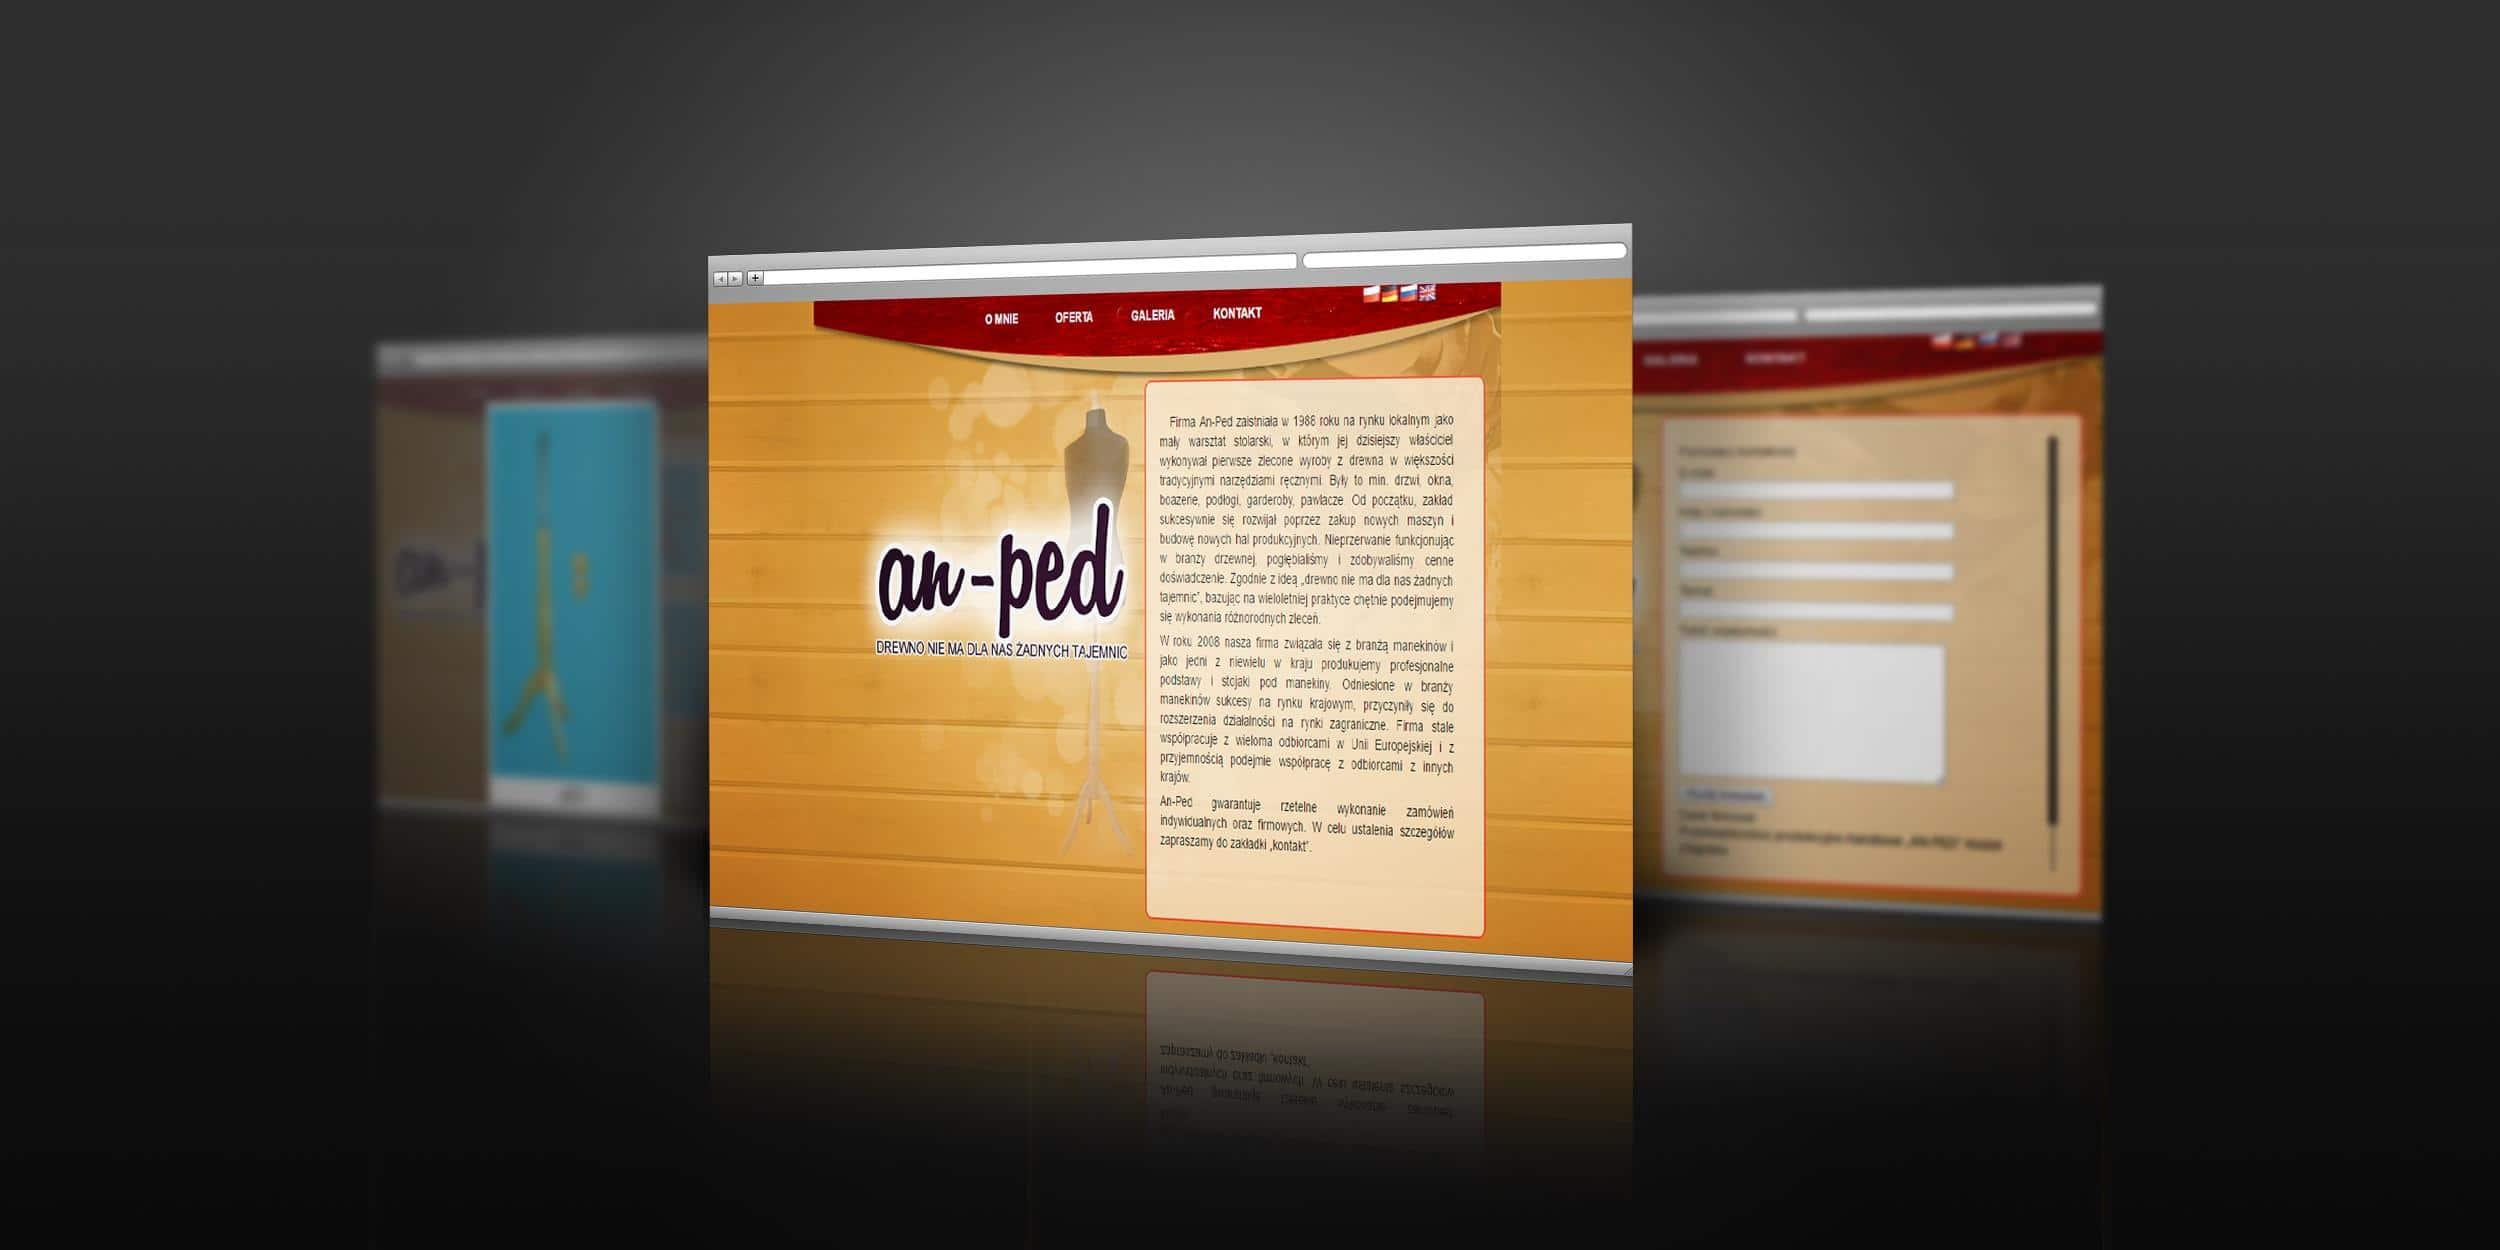 anped-webside